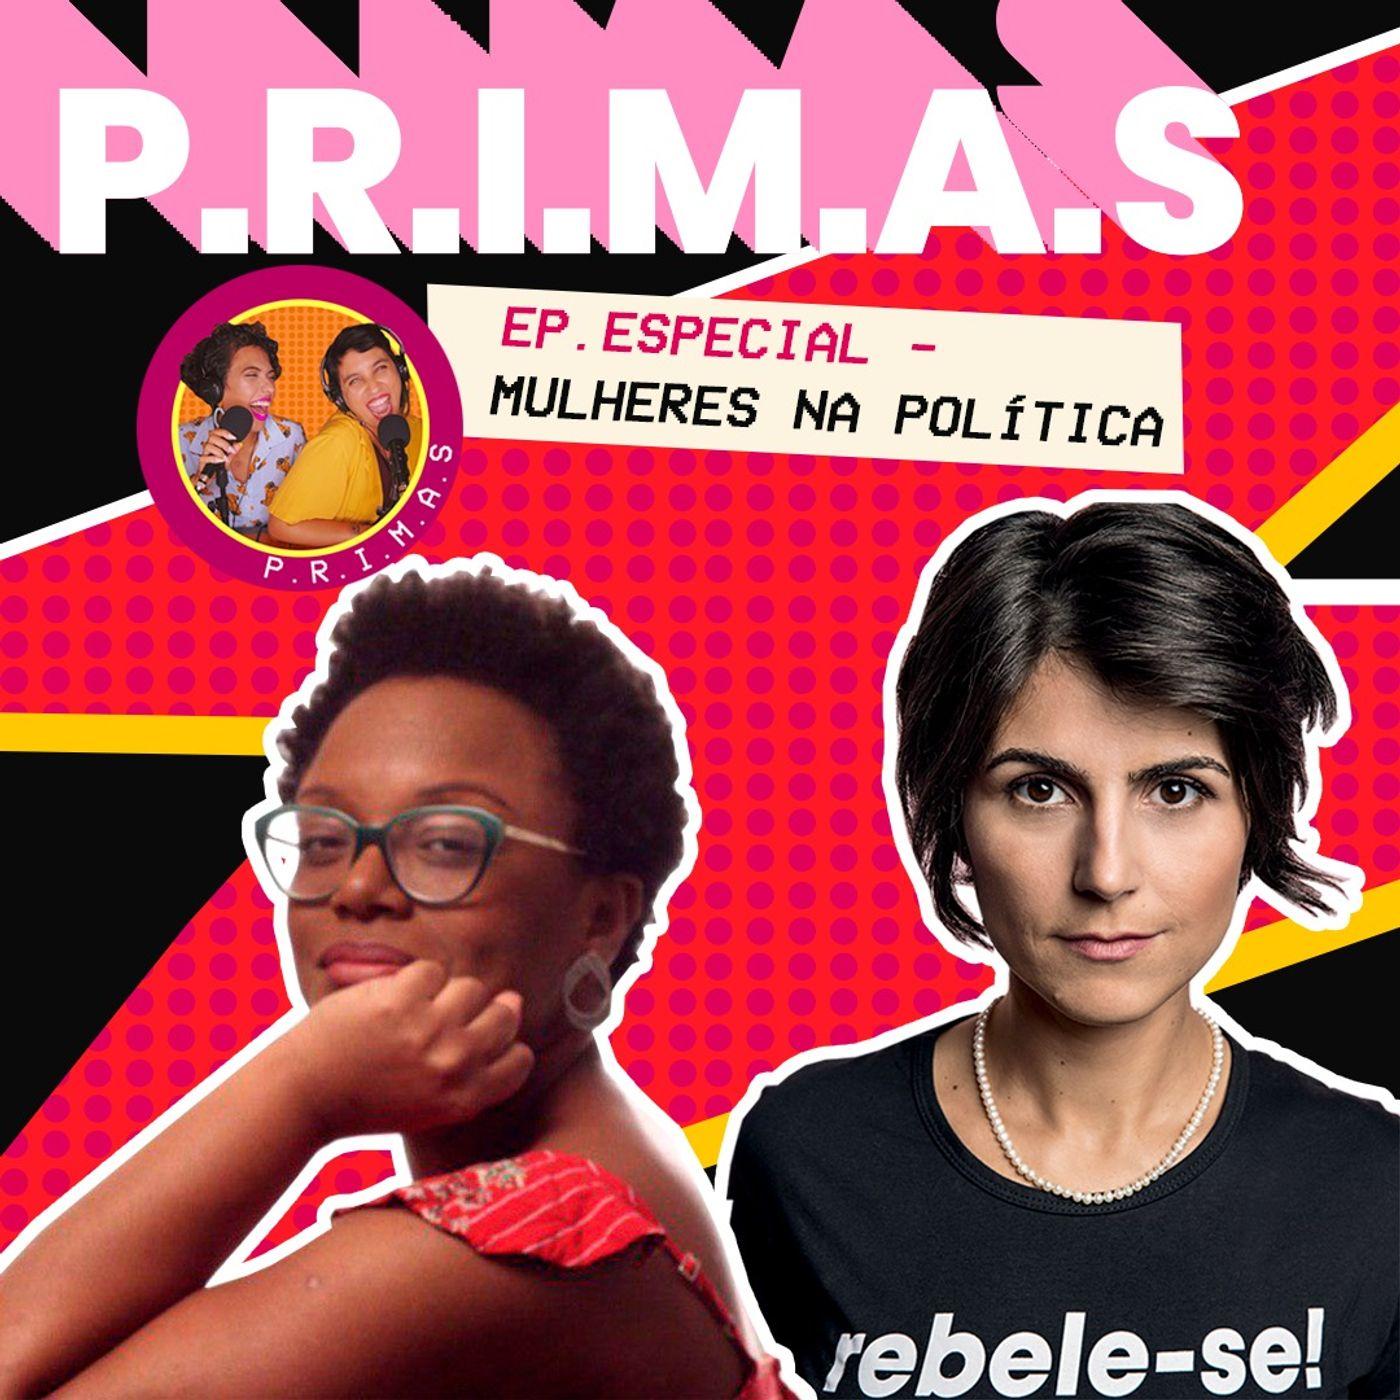 Ep. Especial Mulheres na política || Manu D'ávila e Tainá de Paula